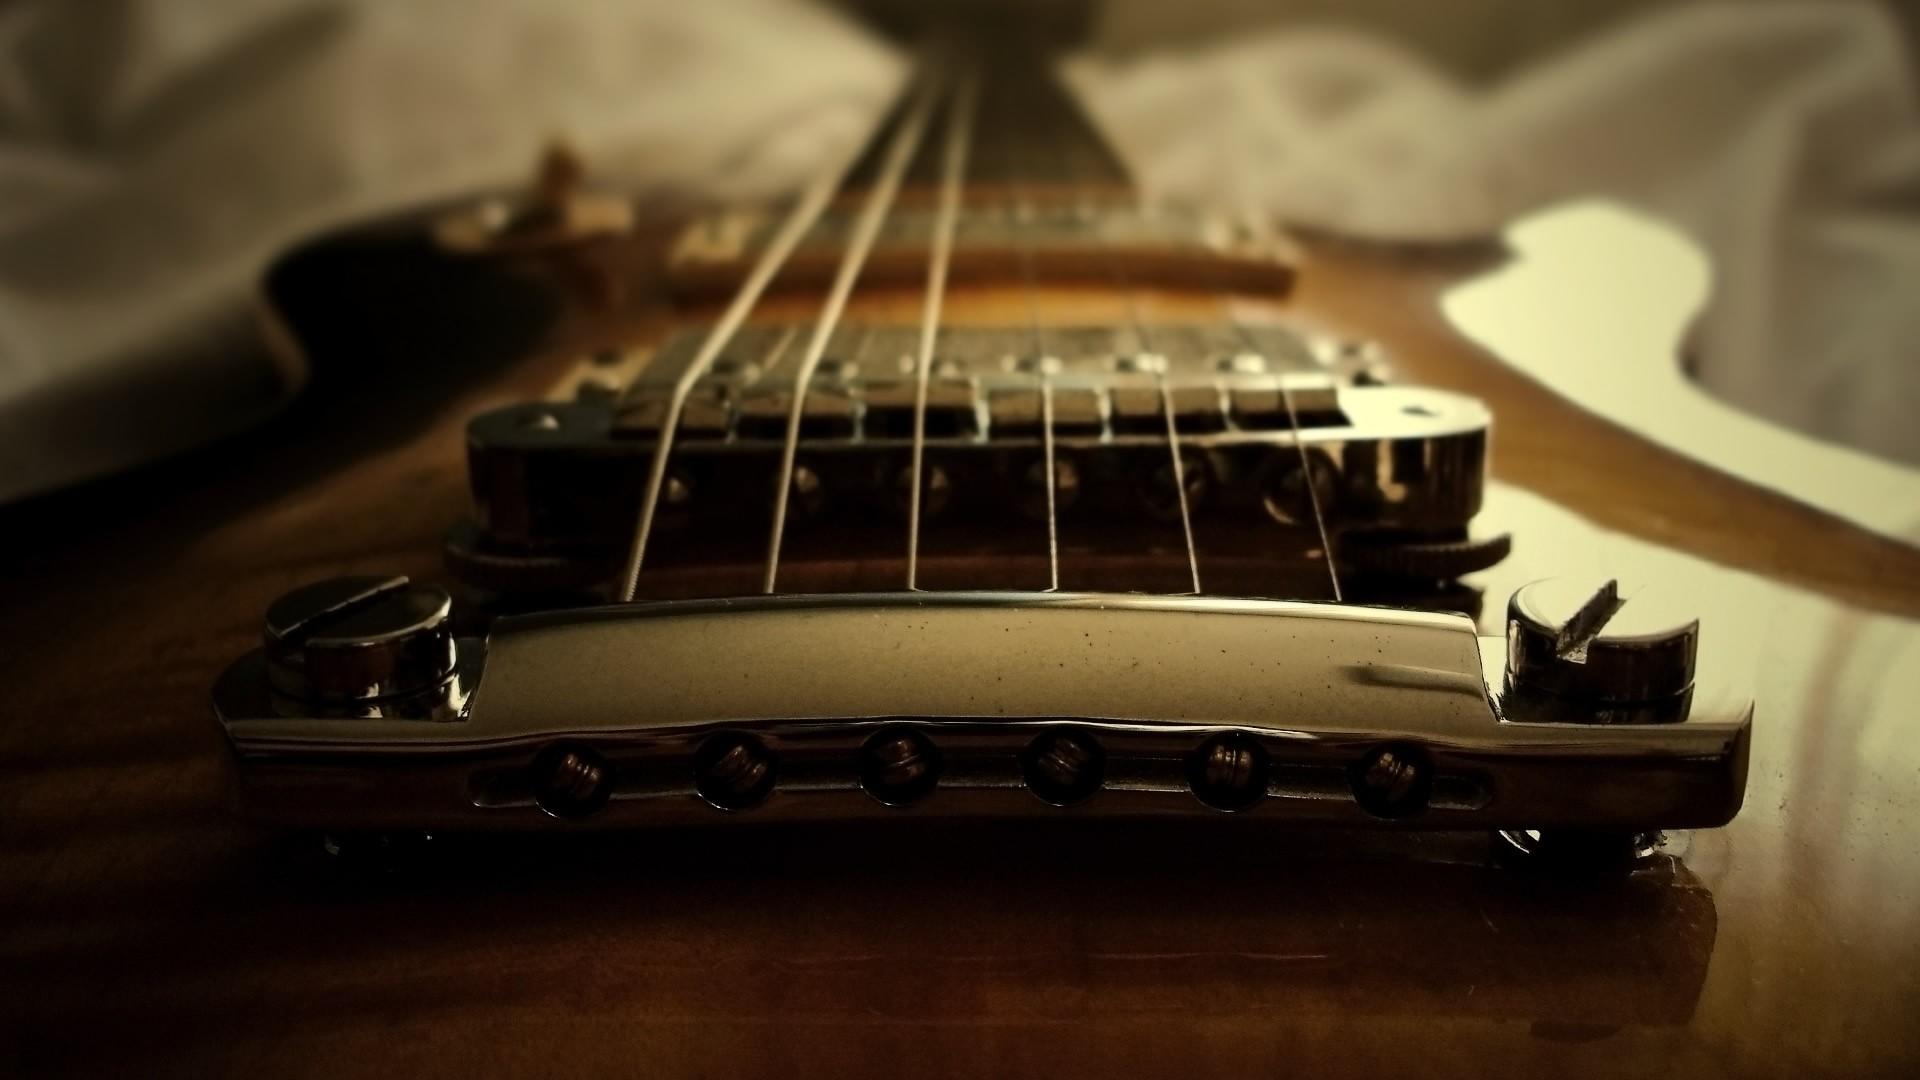 3d Guitar Wallpaper Iphone - Gibson Les Paul , HD Wallpaper & Backgrounds